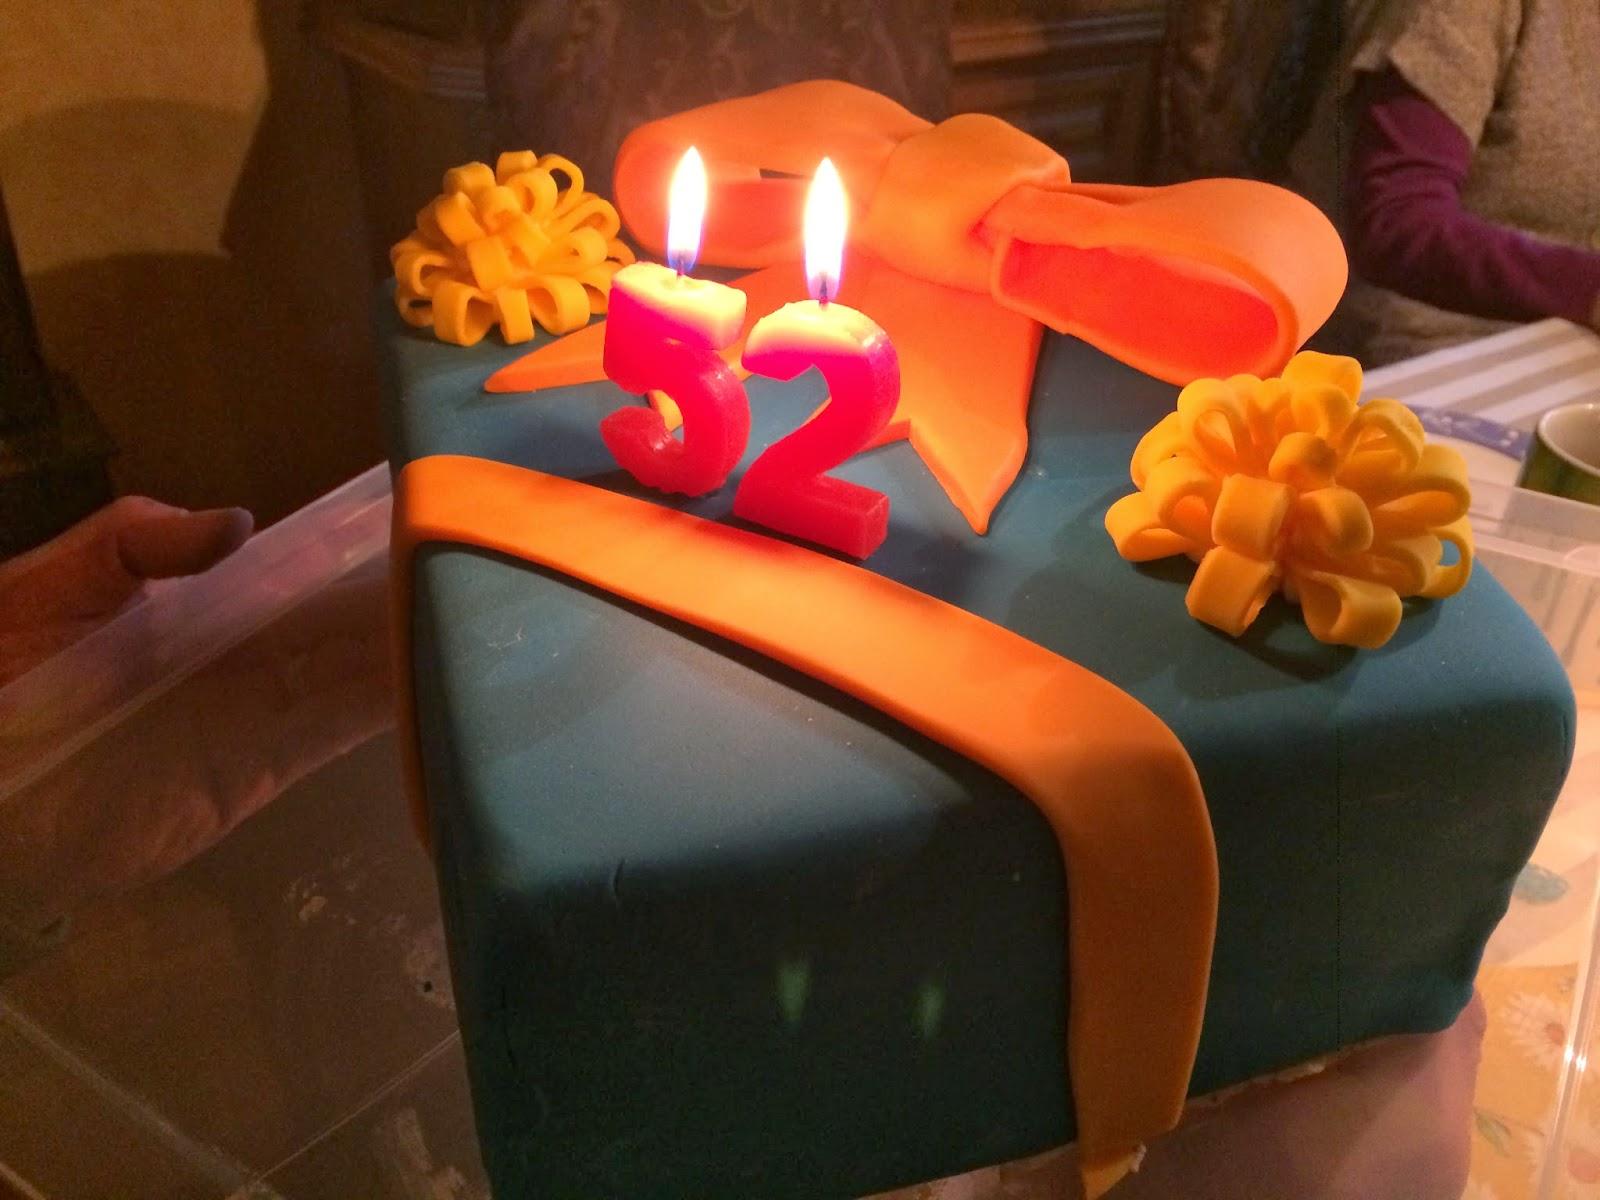 Backen kann Jeder!: Geburtstagskuchen selber backen